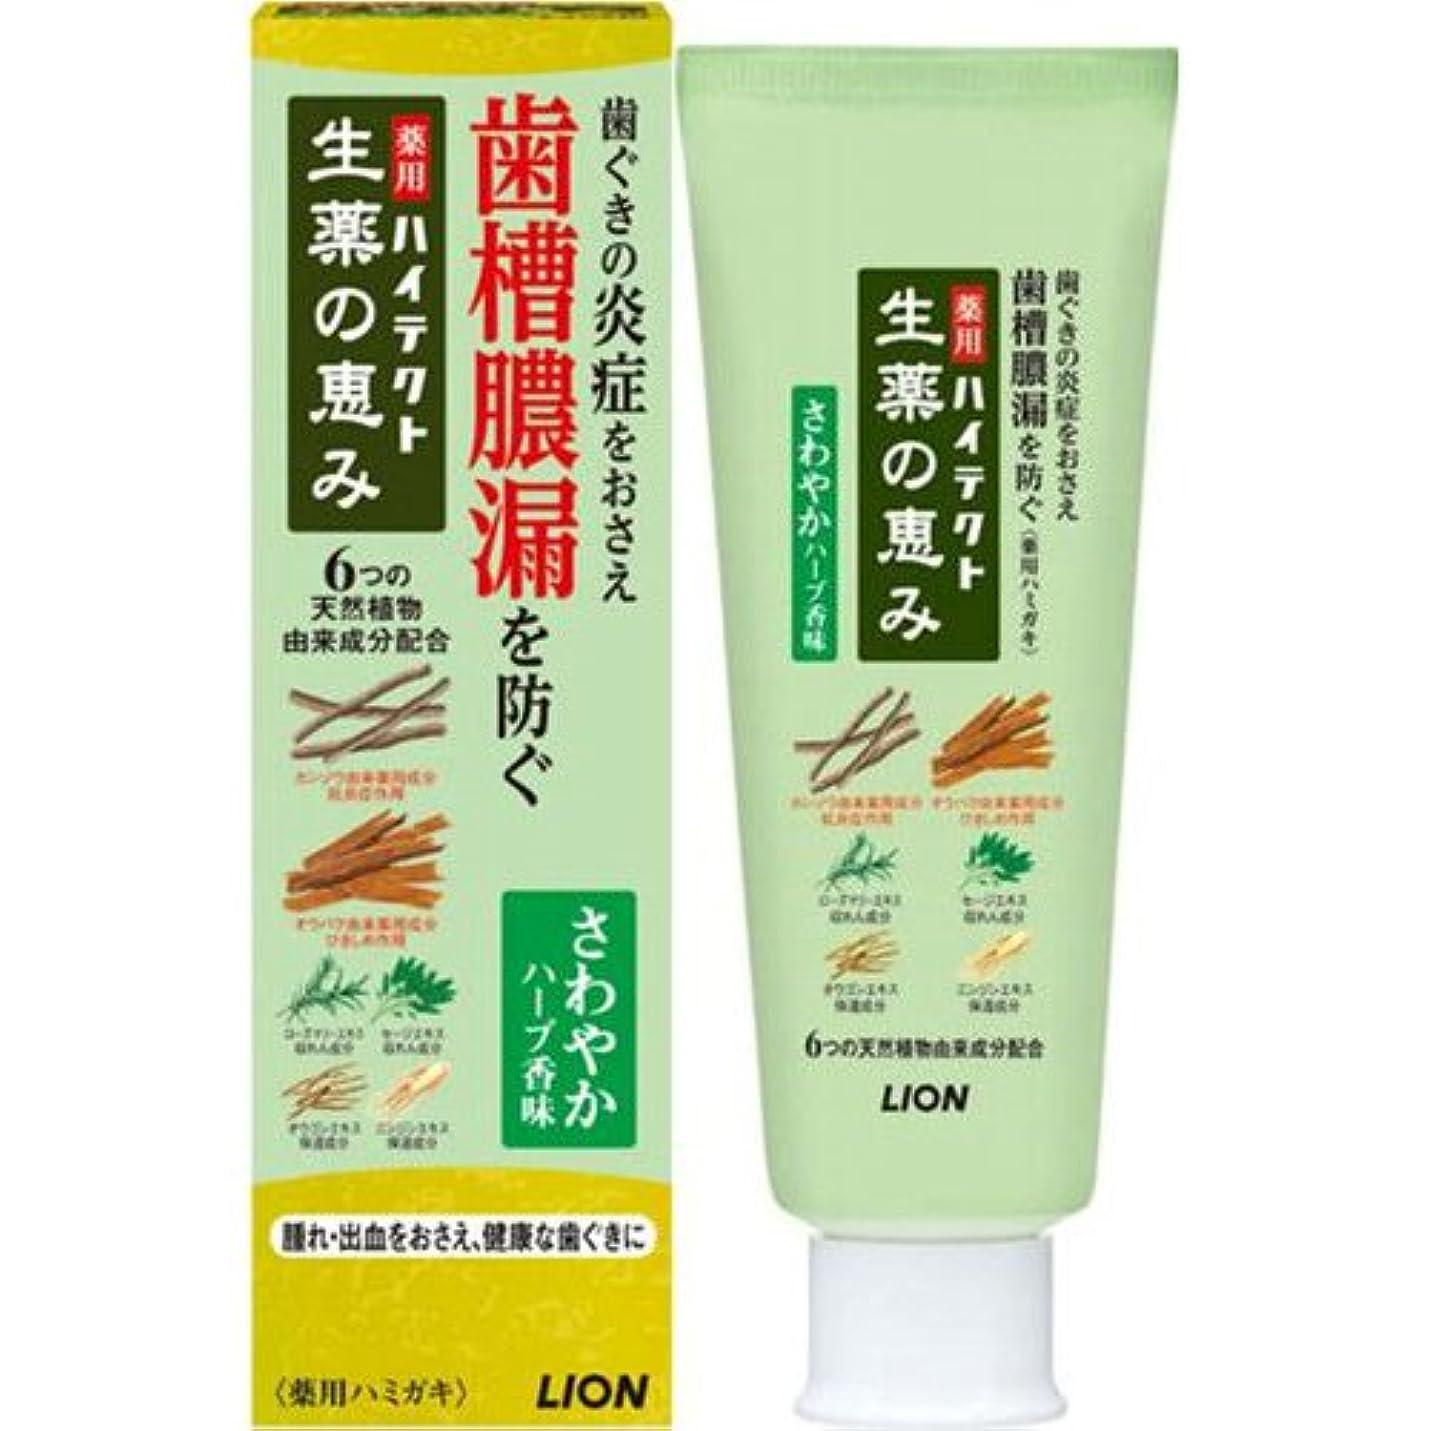 選択雄大な海嶺【ライオン】ハイテクト 生薬の恵み さわやかハーブ香味 90g ×3個セット